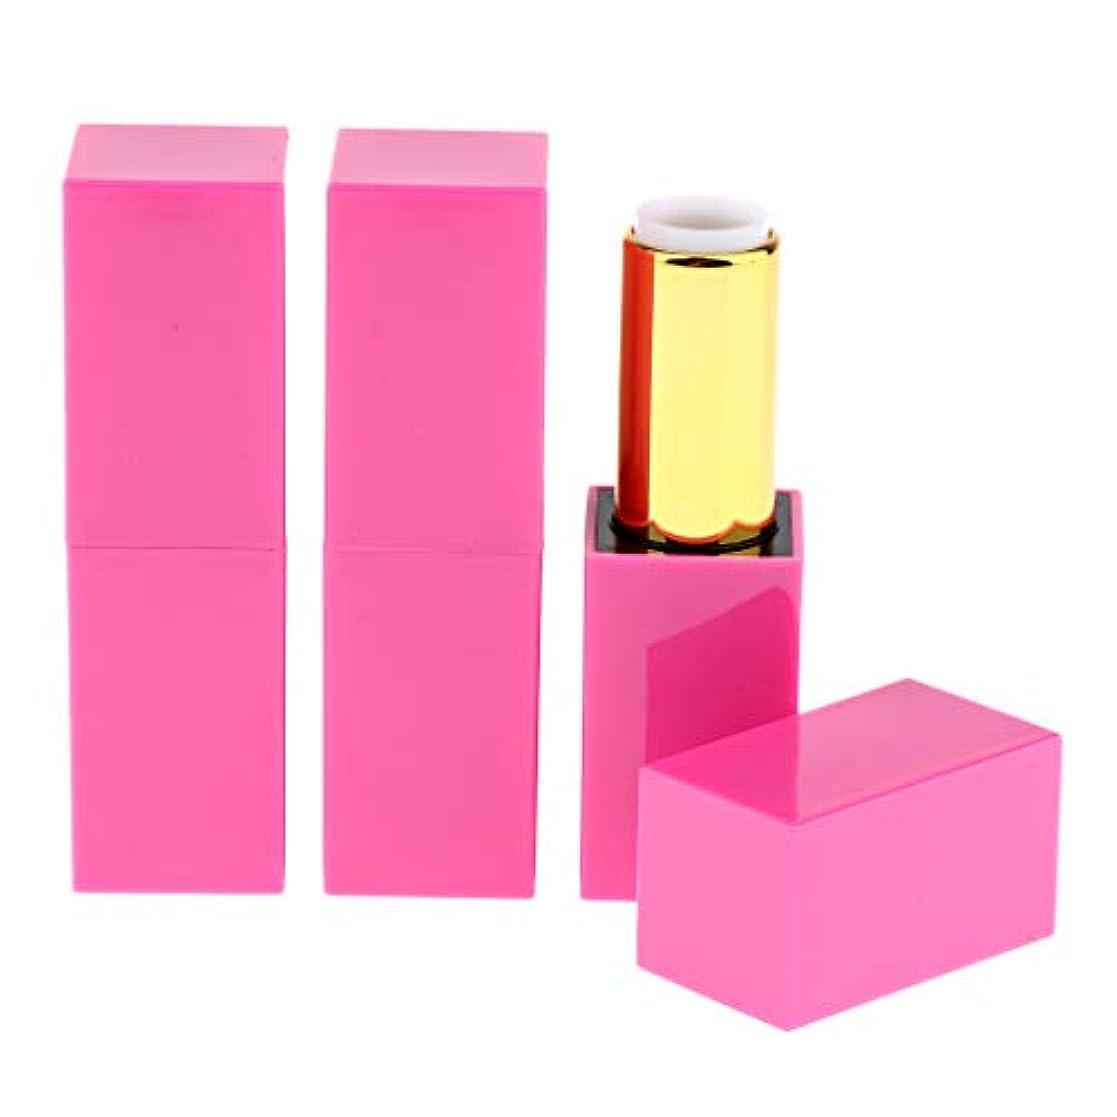 配分ポジティブ誘惑リップグロスチューブ 3本リップクリームボトル 空ボトル 小分けボトル 化粧品詰め替えボトル手作り化粧品